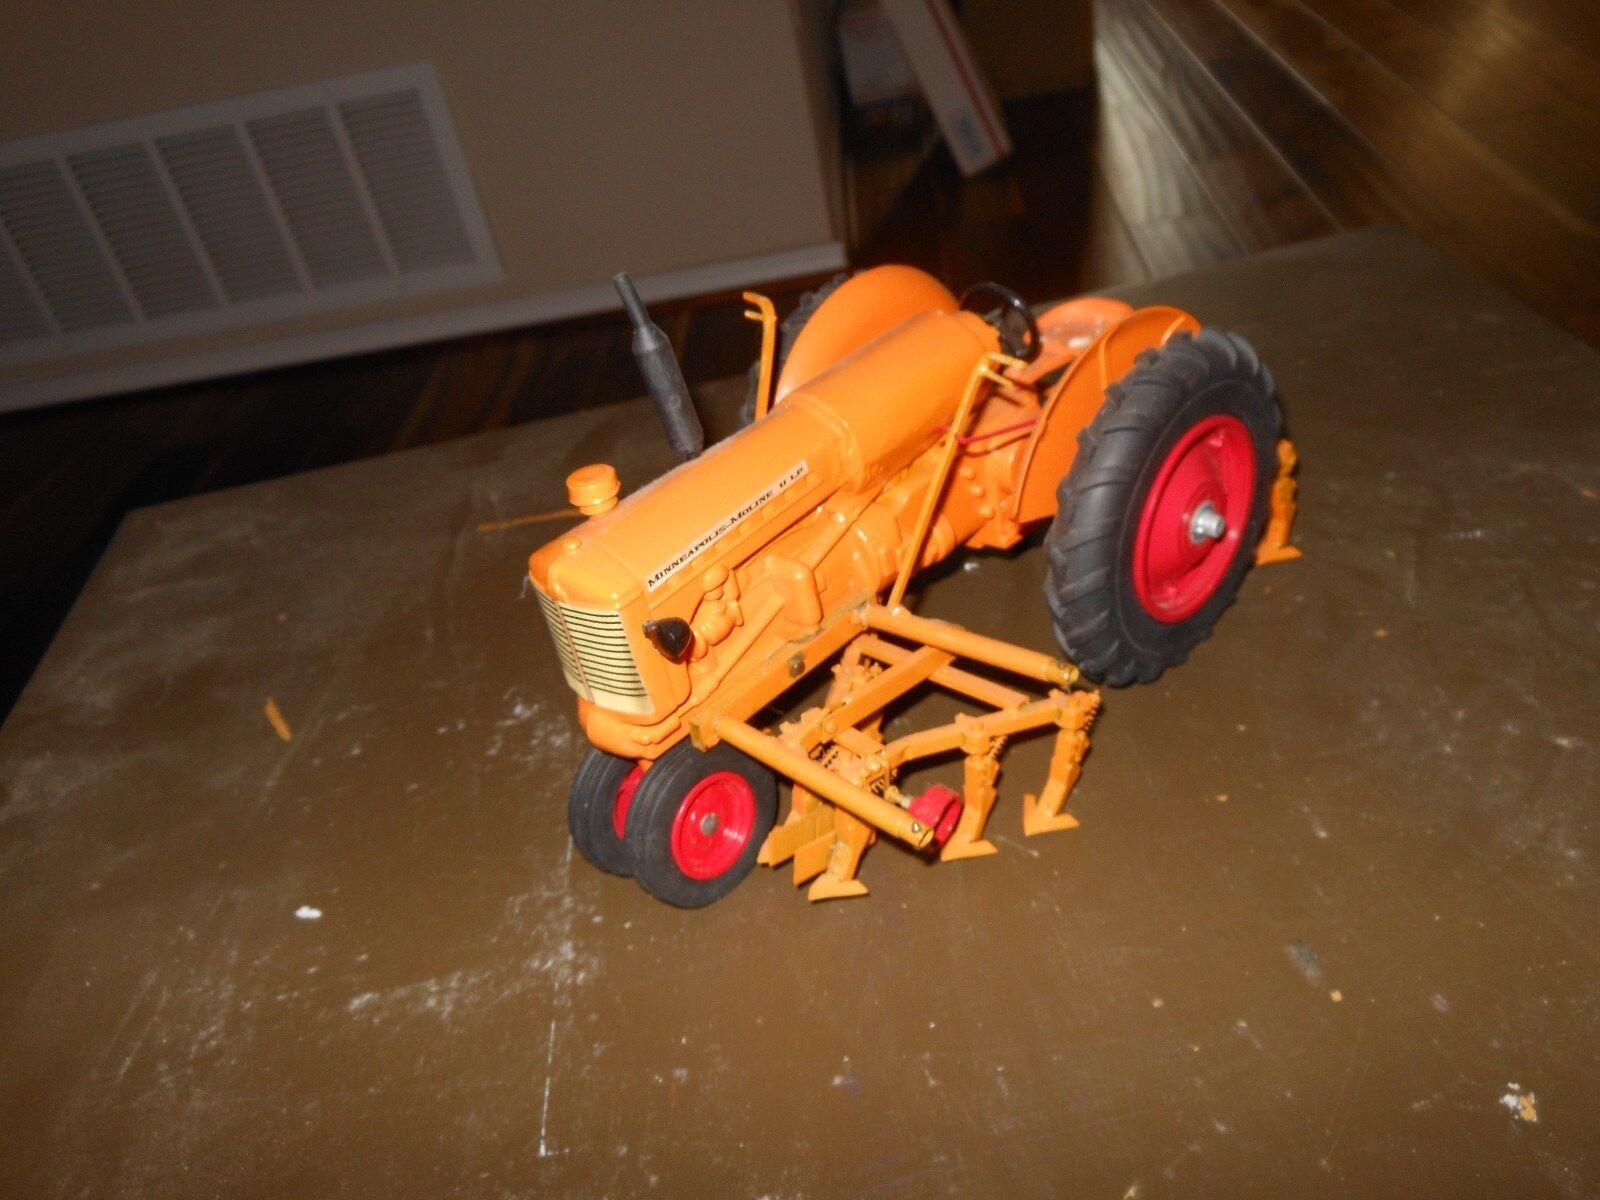 Minneapolis Moline  U  LP-gaz jouet tracteur (Blanc, Oliver) 1 16 avec des cultivateurs